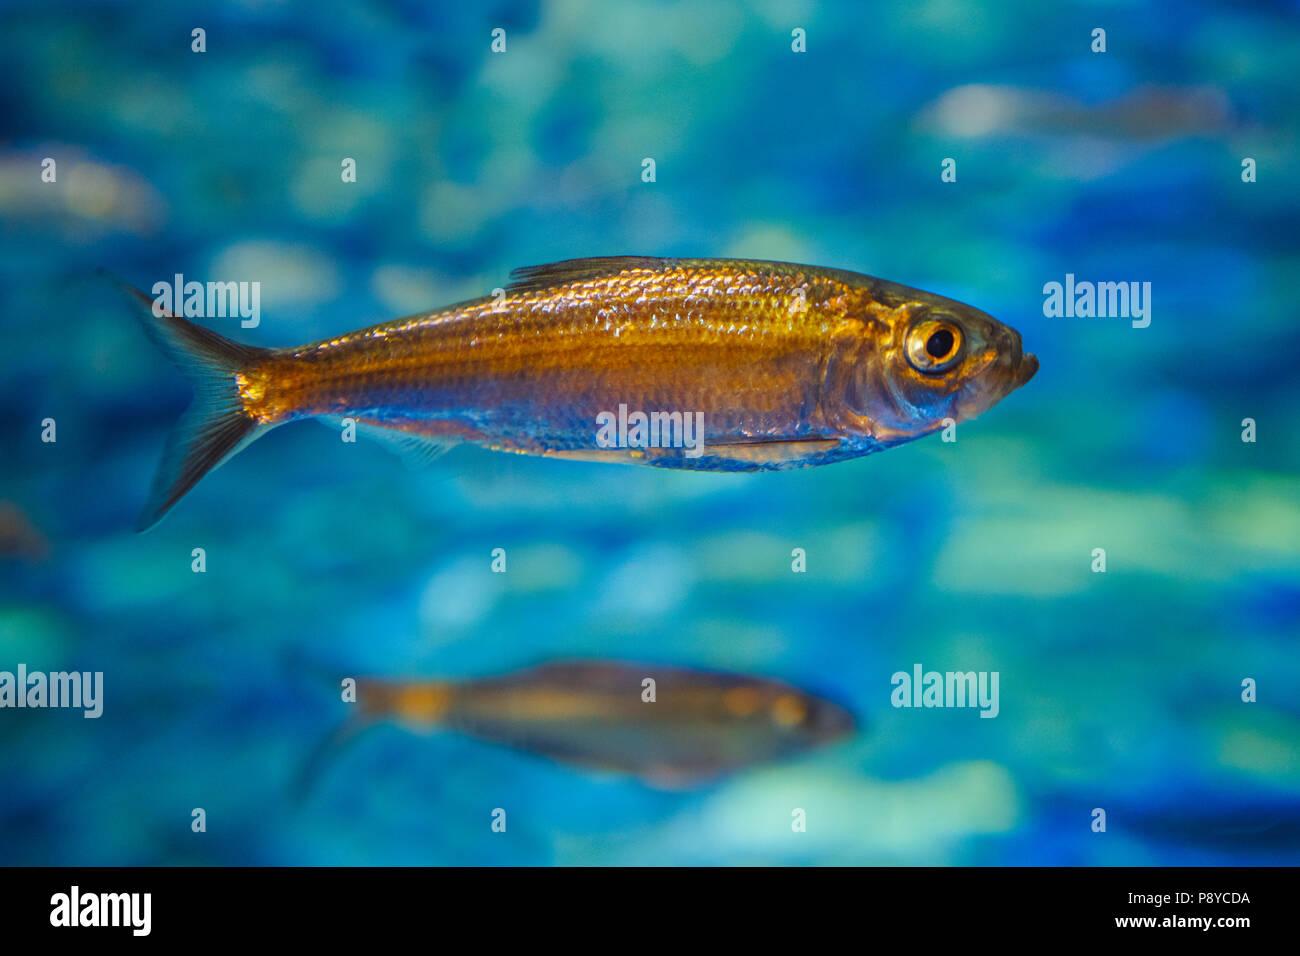 Une petite mer océan bleu jaune poissons tropicaux dans l'eau, monde sous-marin coloré copyspace, pour le texte, fond papier peint Photo Stock